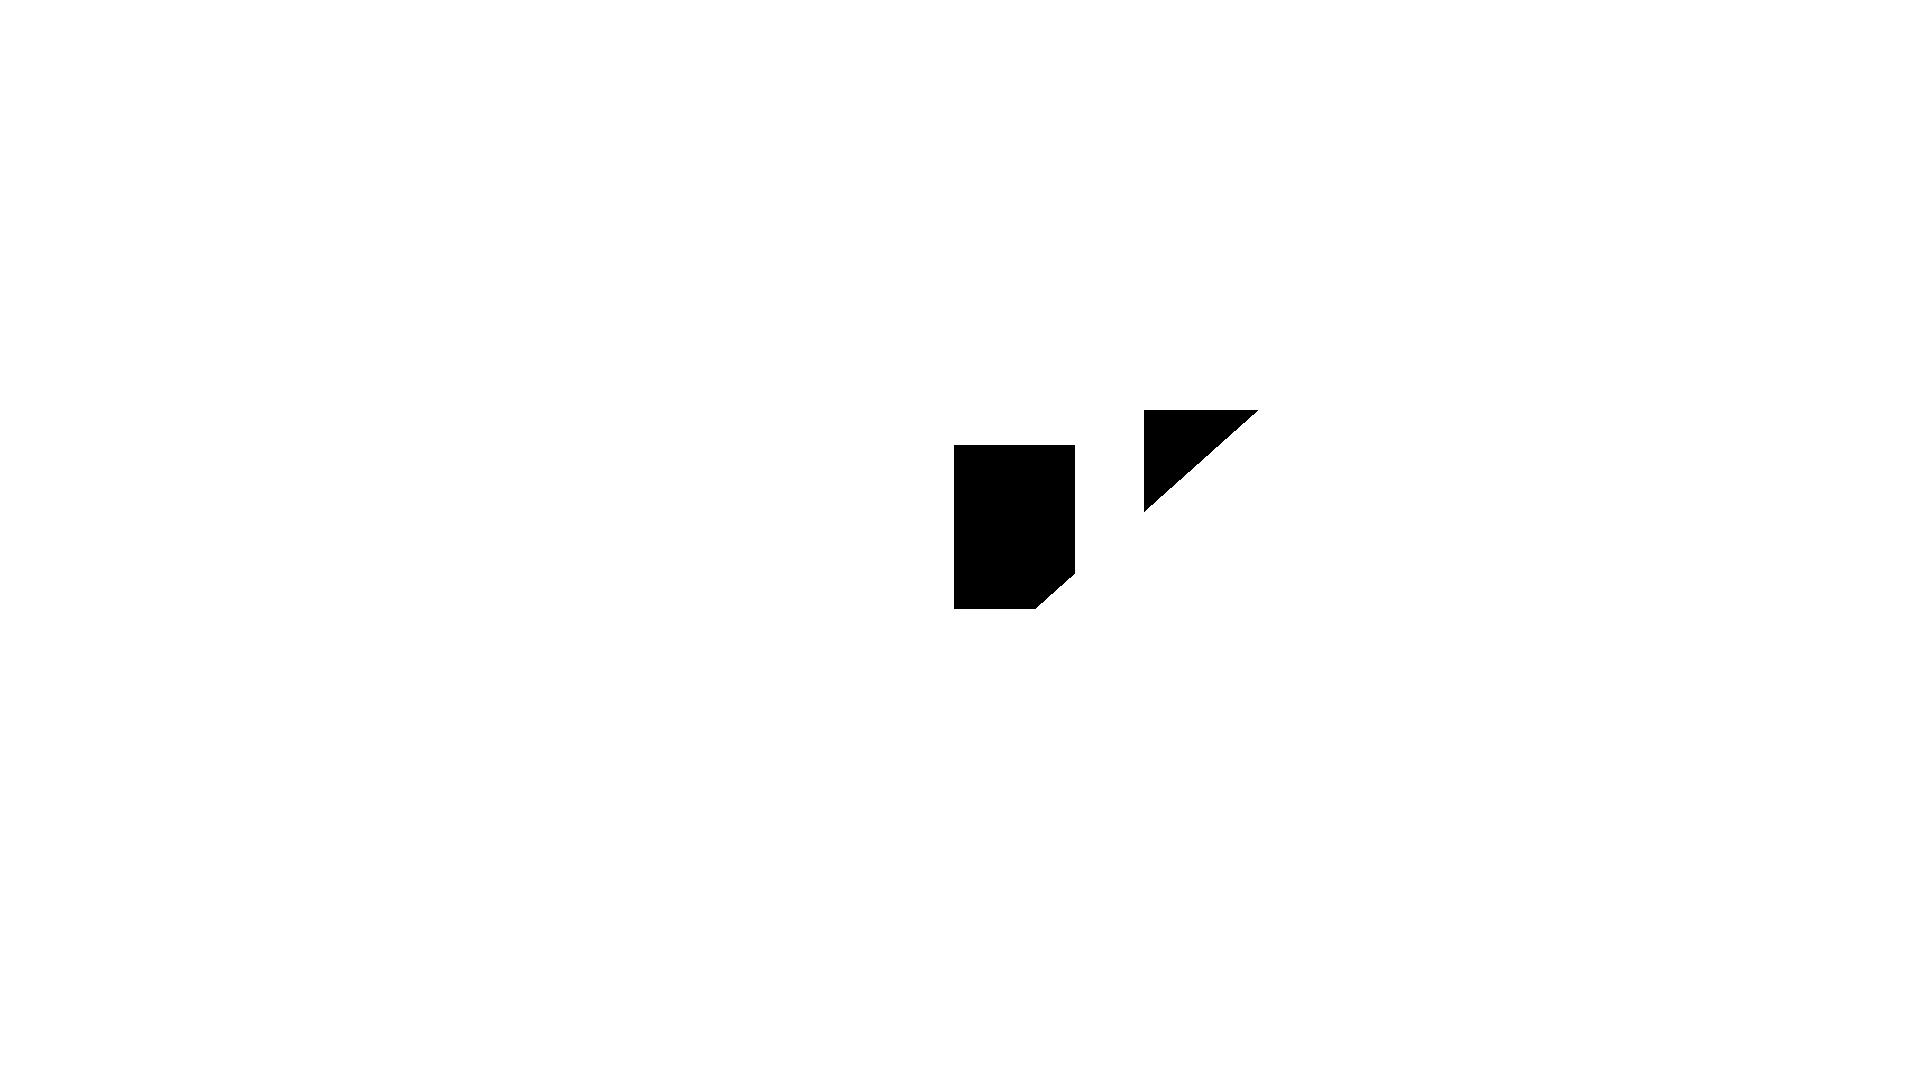 غرفه سازی پارس سازه افرا